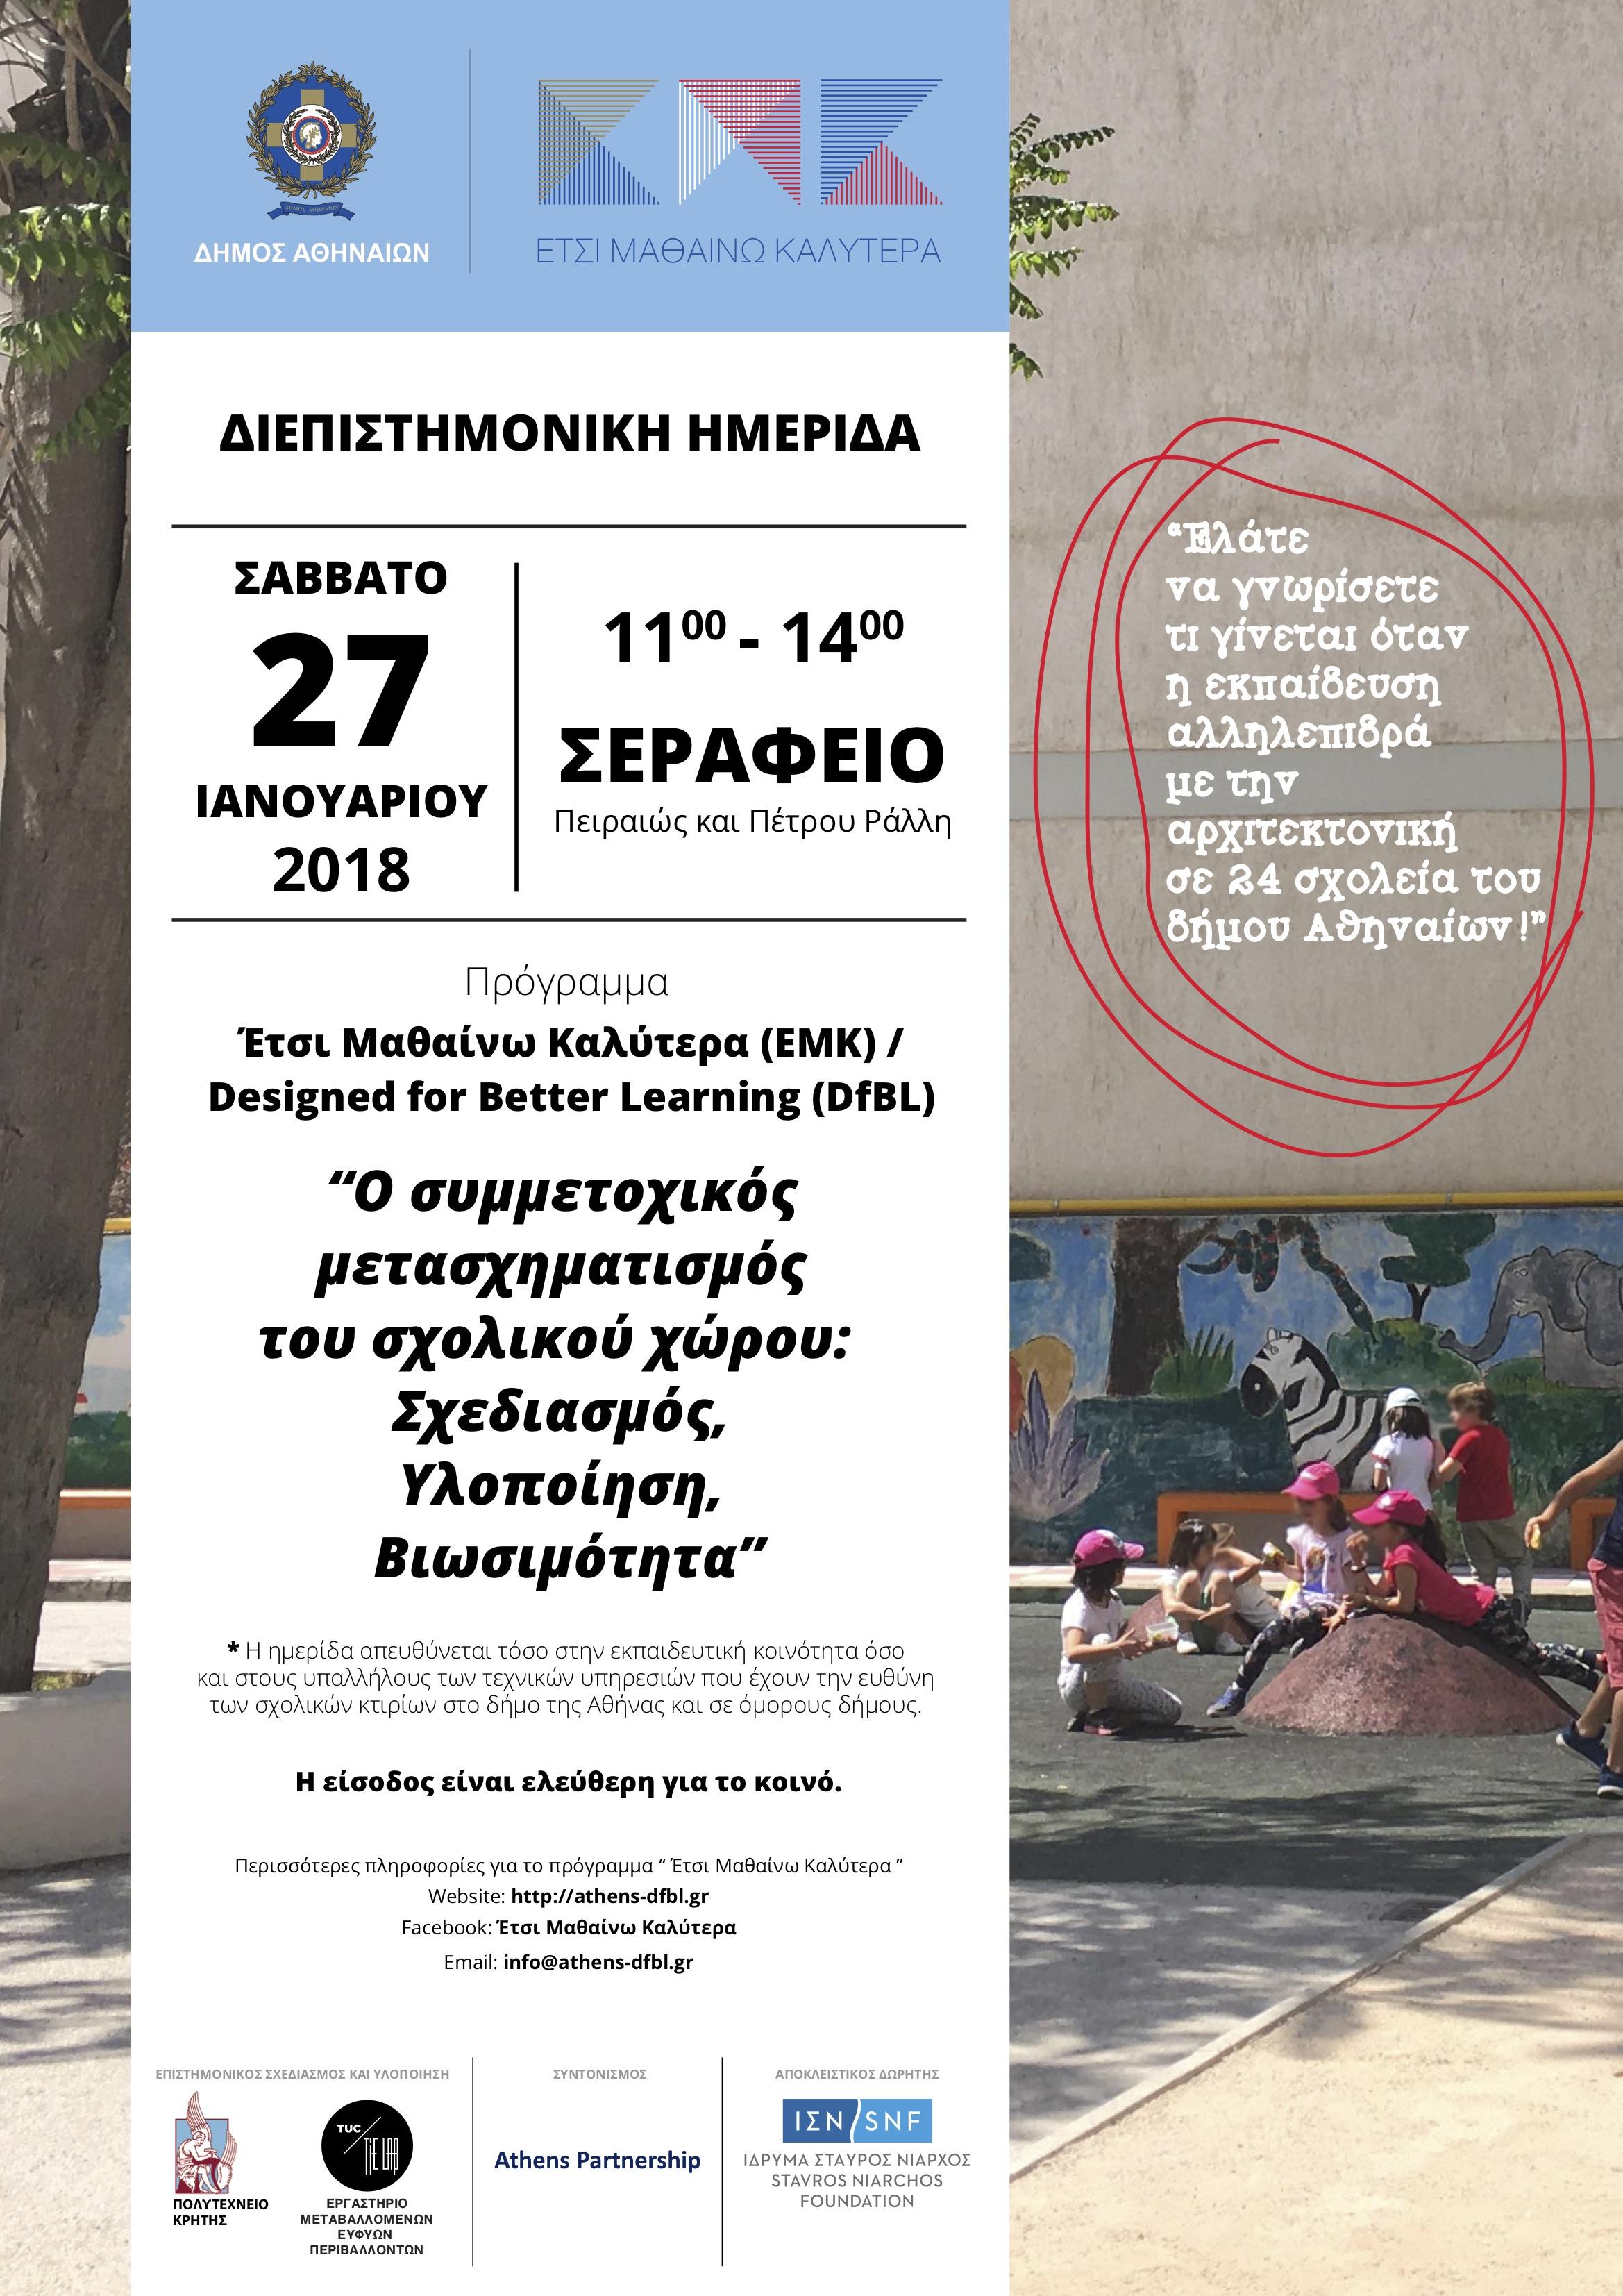 EMK-seminar-poster-11252017-v3.jpg